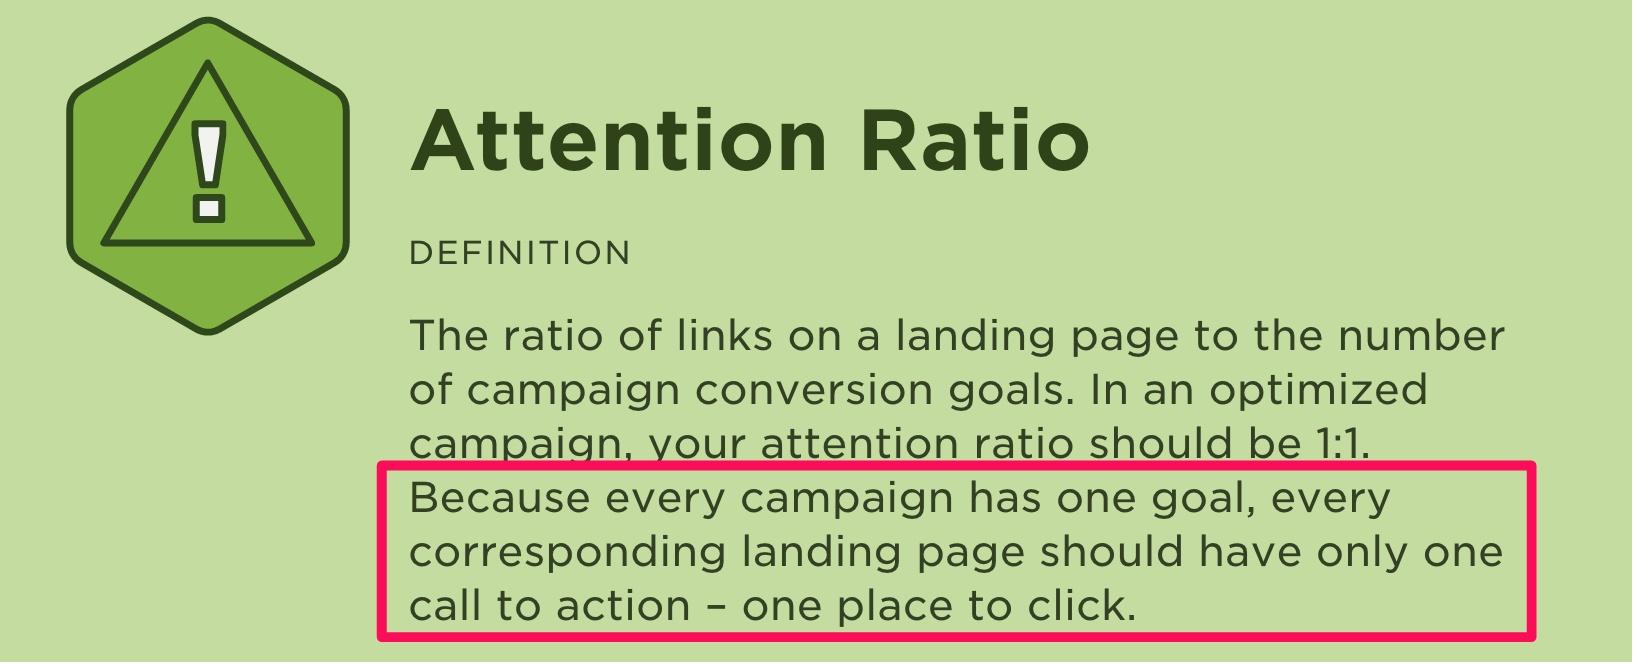 Las estrategias publicitarias de Twitter utilizan una única llamada a la acción